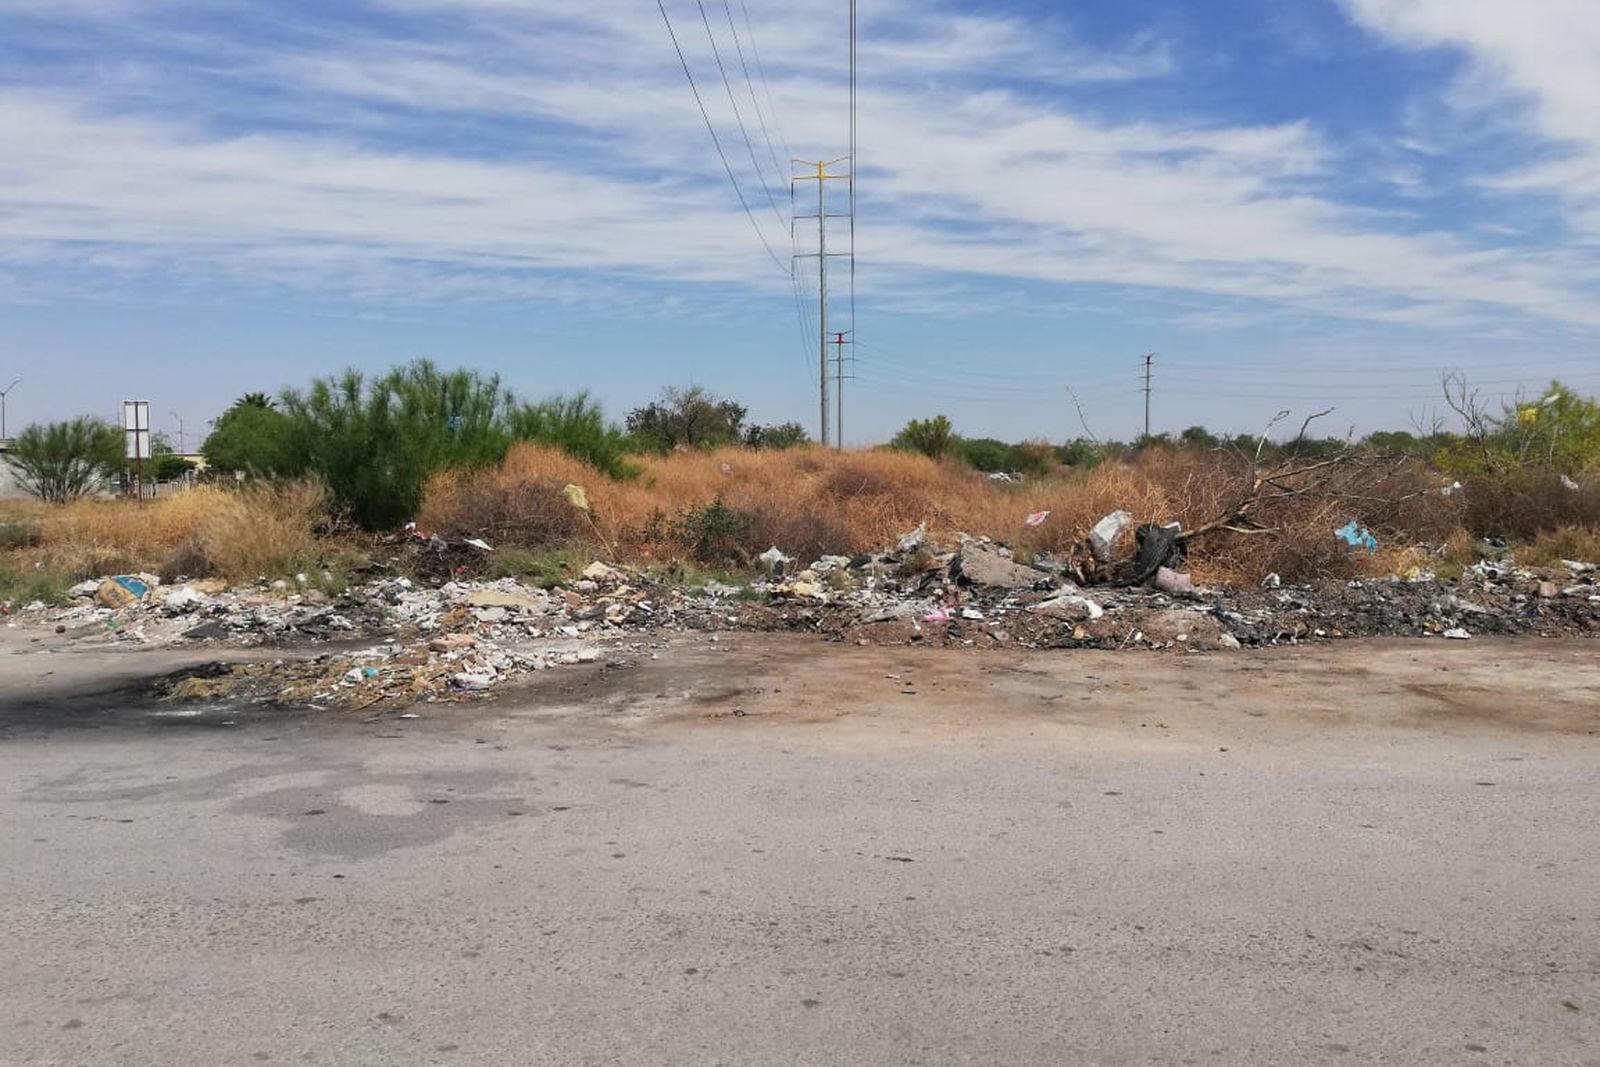 Hacen 'quemas'. En algunas partes hay manchas negras en el pavimento que son originadas por la quema de basura, que algunos vecinos desatan para reducir la basura.